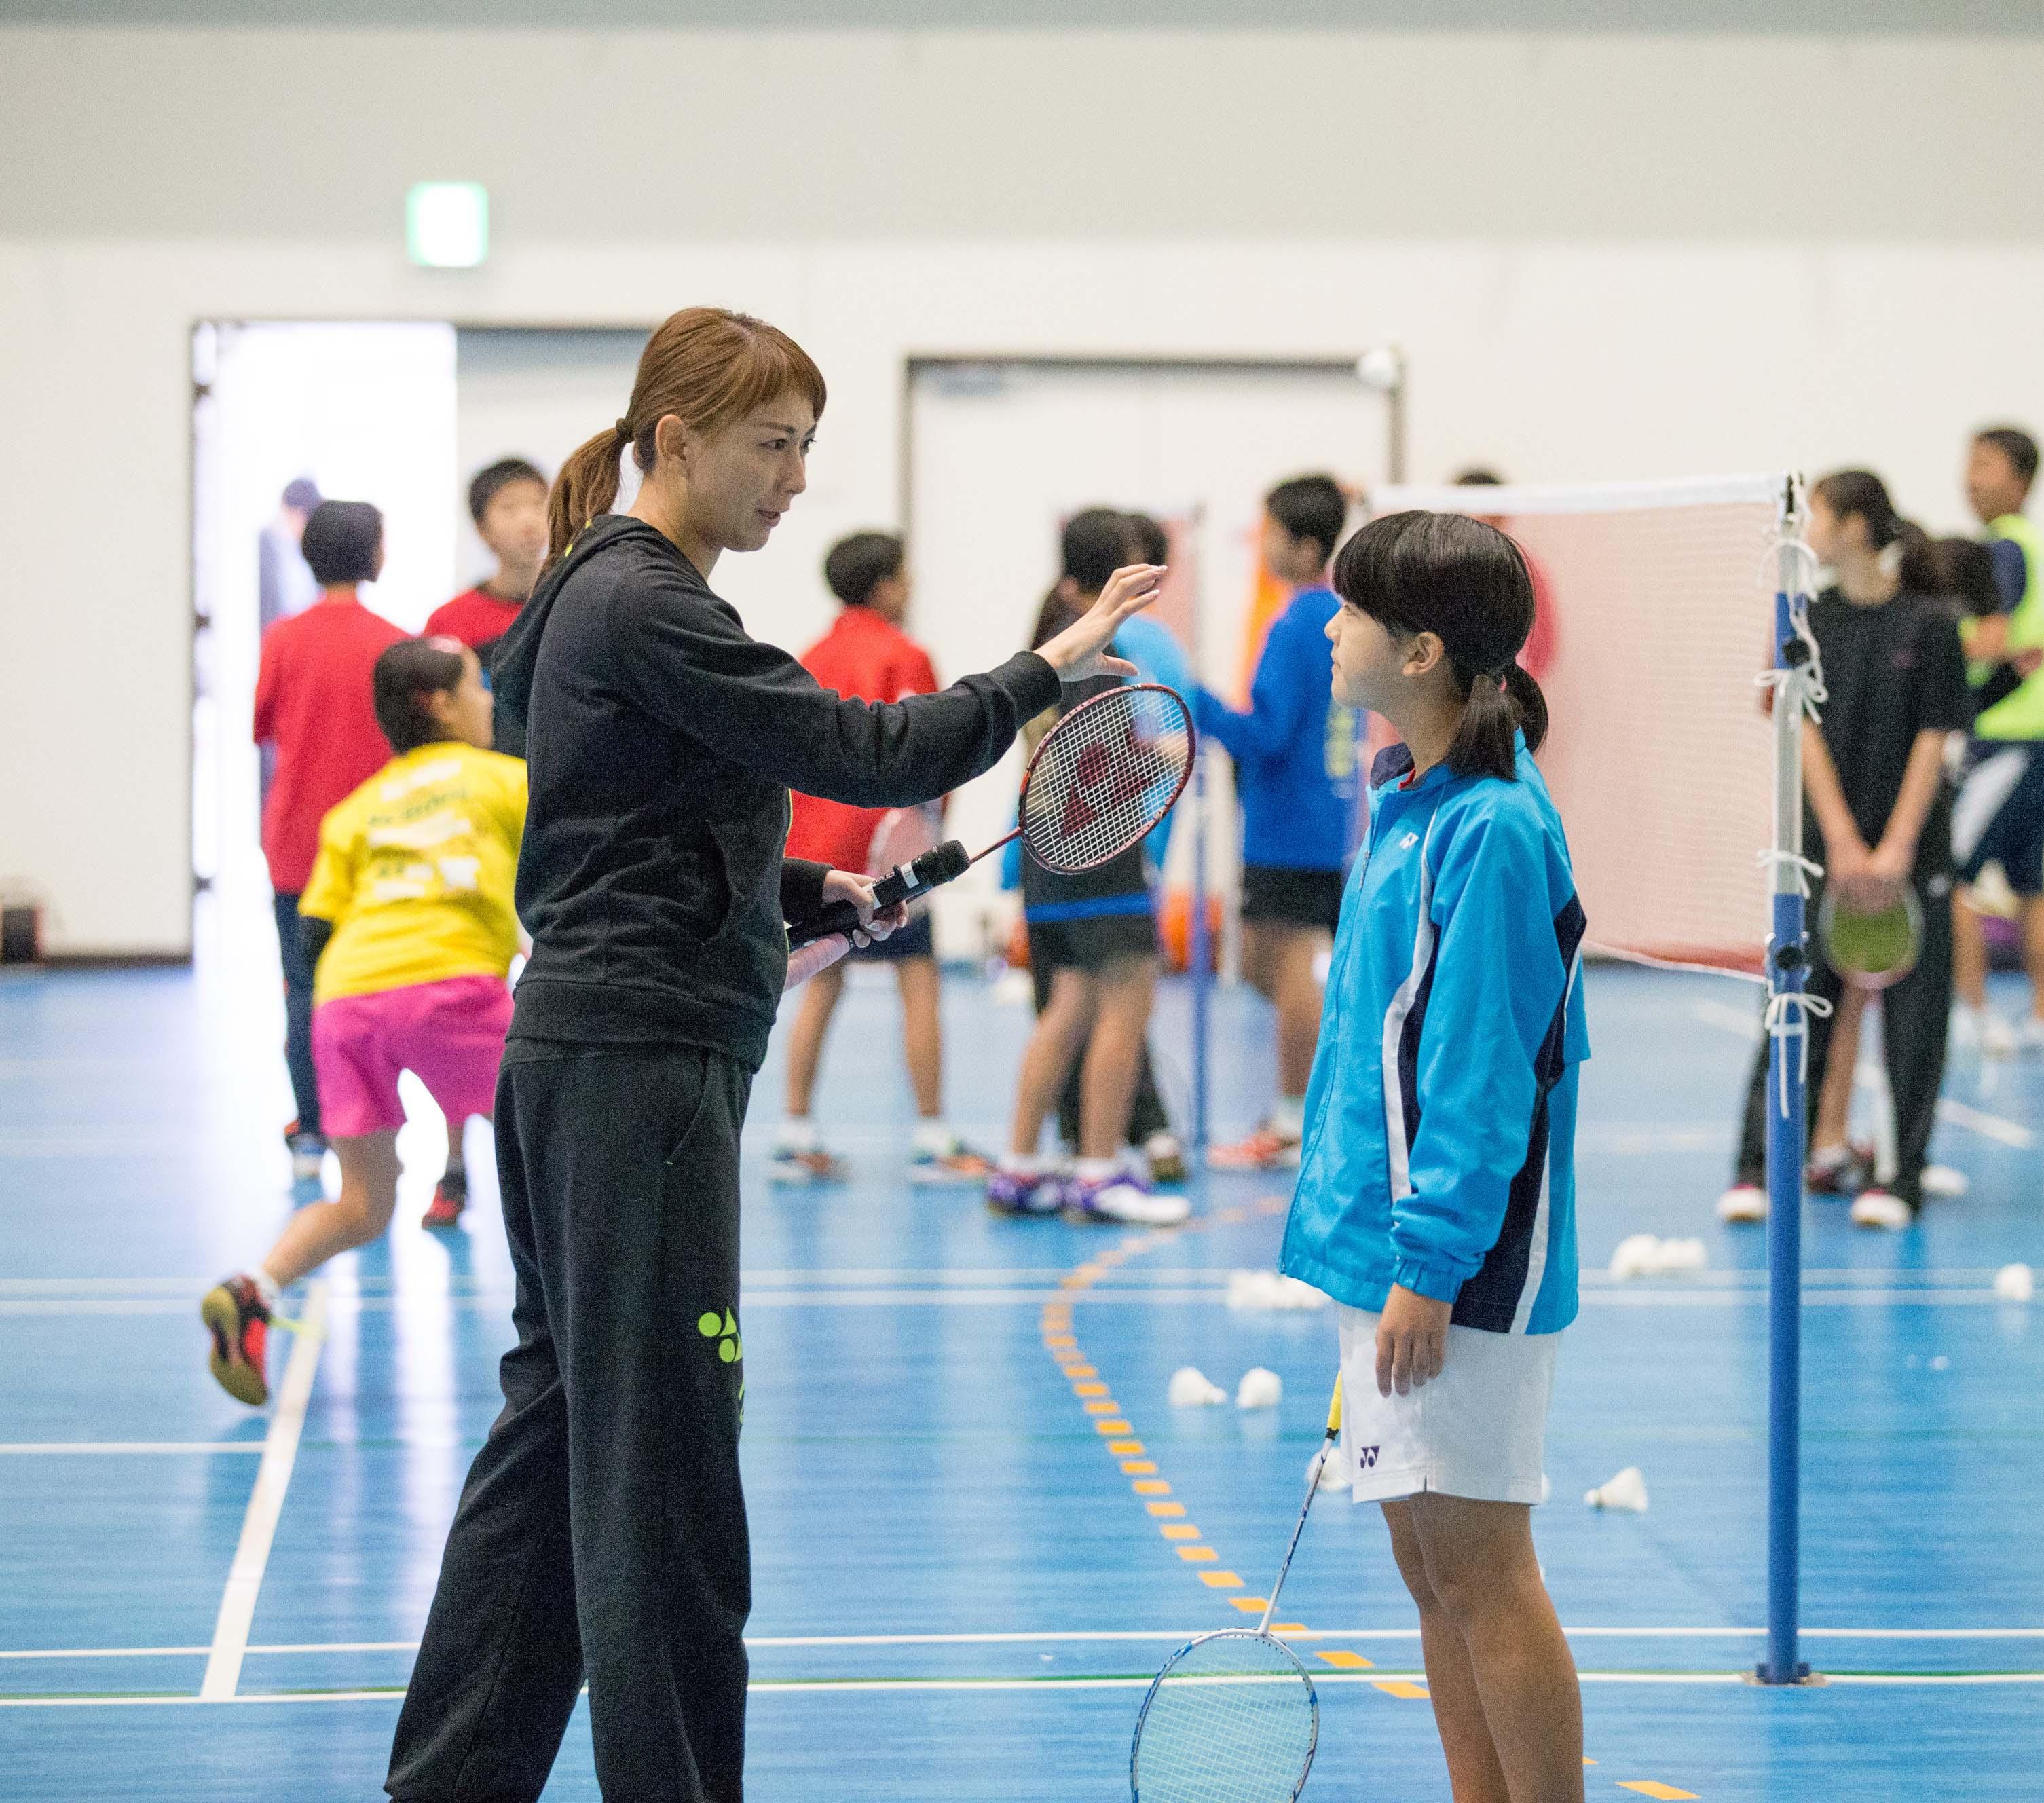 ツネイシ・スポーツアクト、小椋久美子さんのバドミントン教室を開催